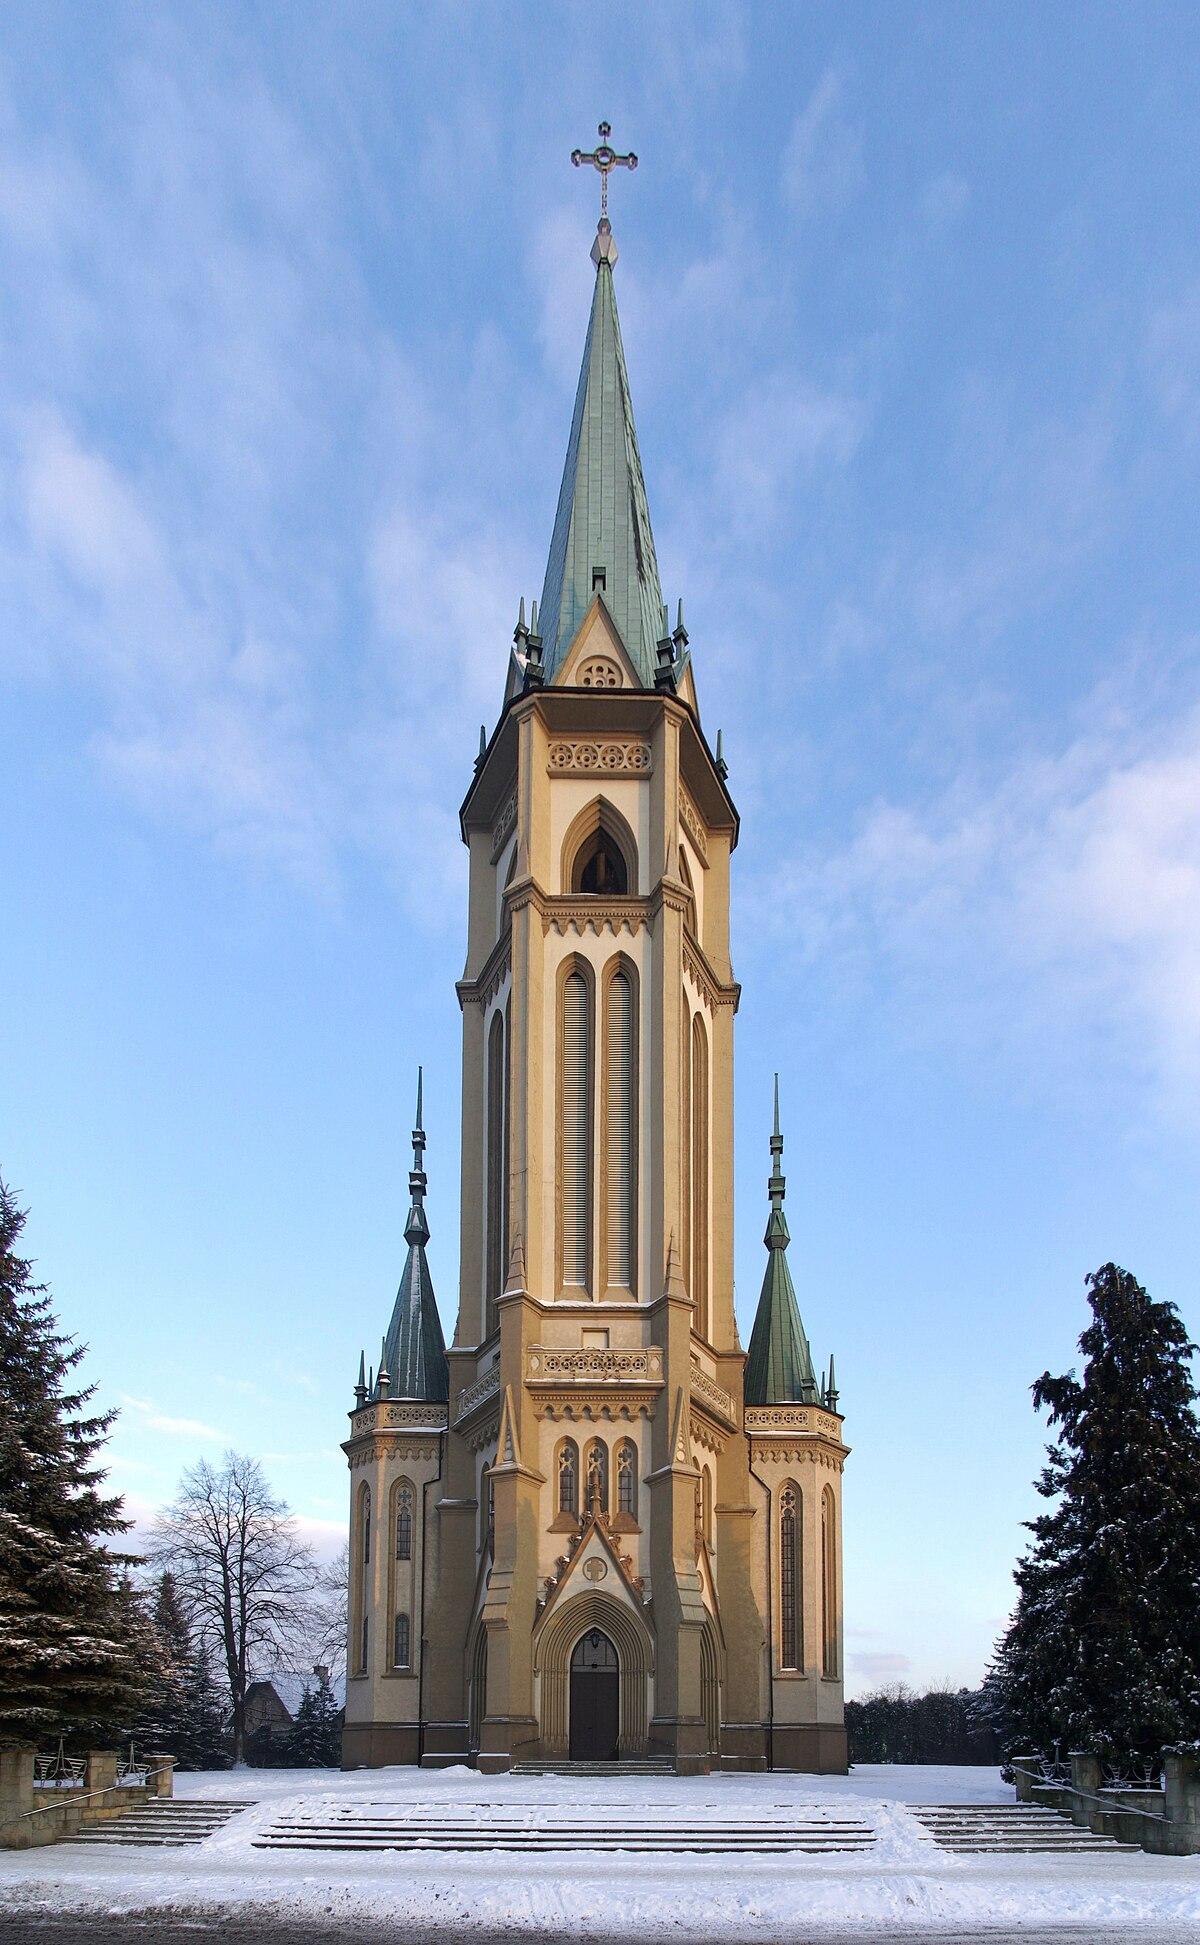 Parafia Przenajwitszej Trjcy w Wilamowicach  Wikipedia